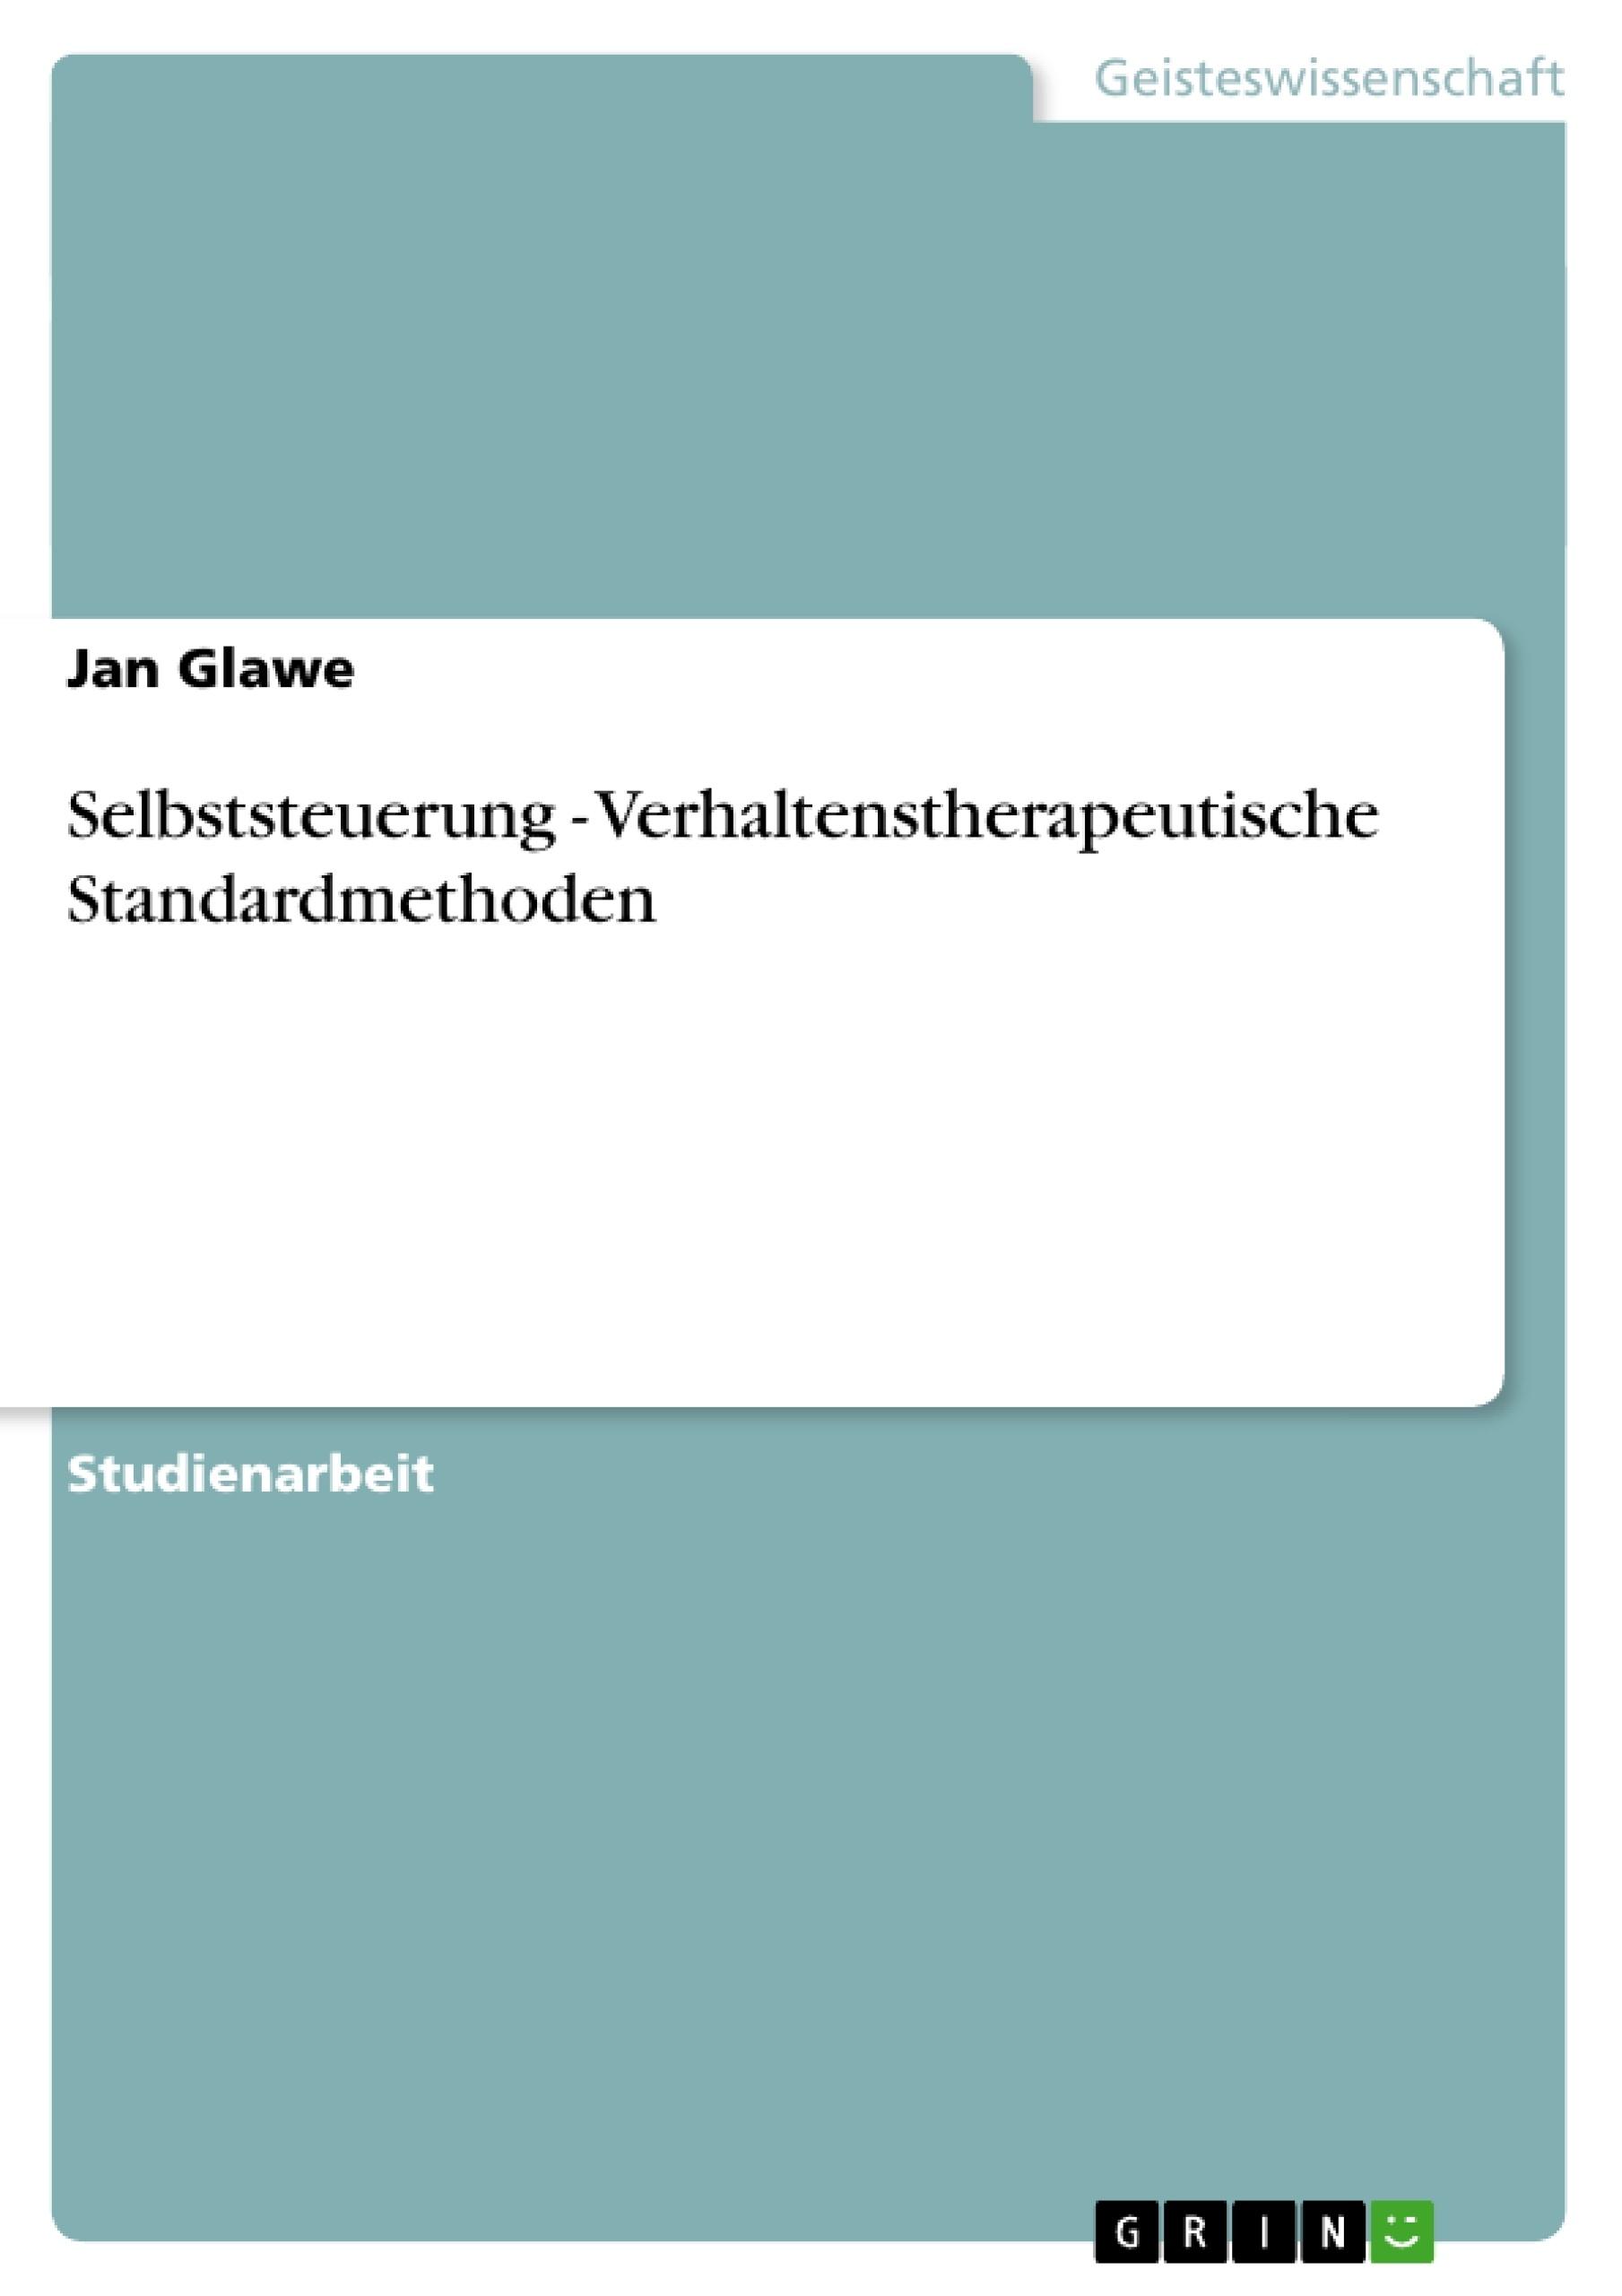 Titel: Selbststeuerung - Verhaltenstherapeutische Standardmethoden